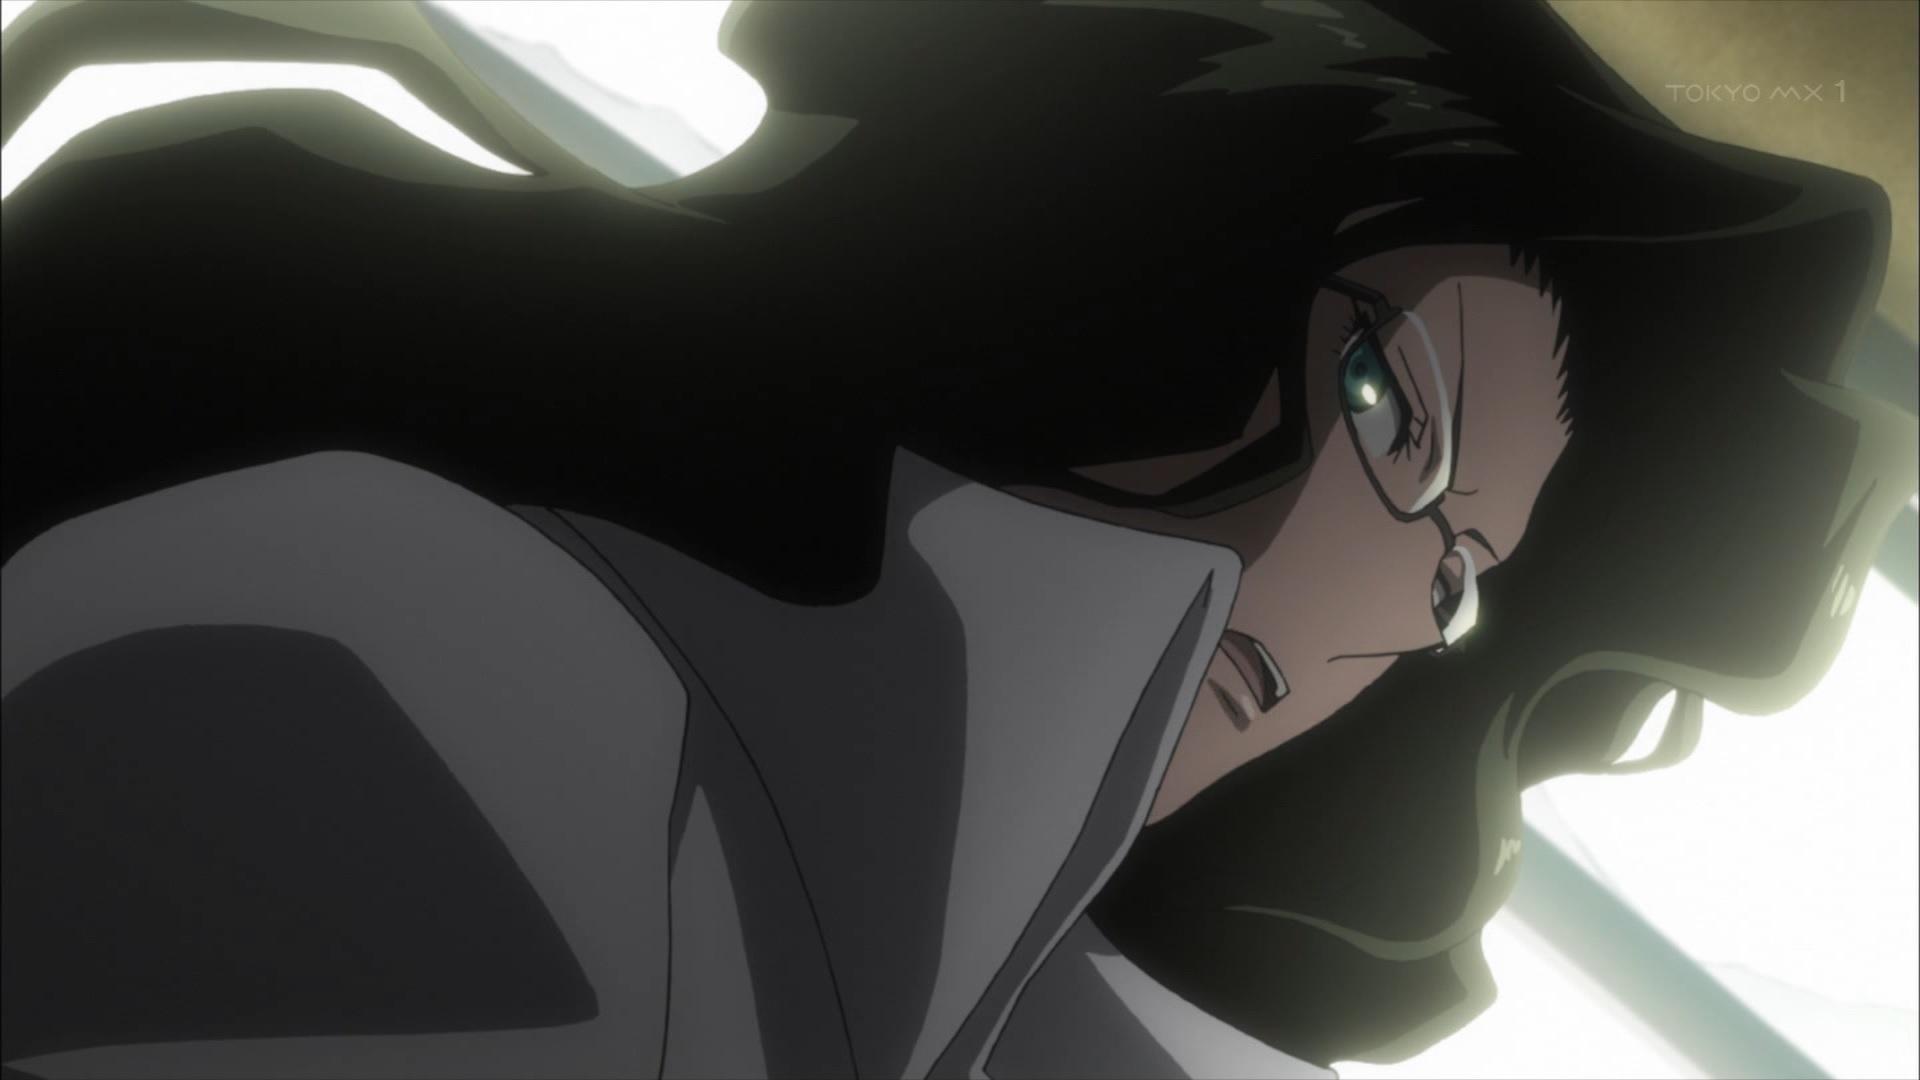 【血界戦線 & BEYOND】第2話感想 ルシアナ先生&クラスティのリベンジマッチ